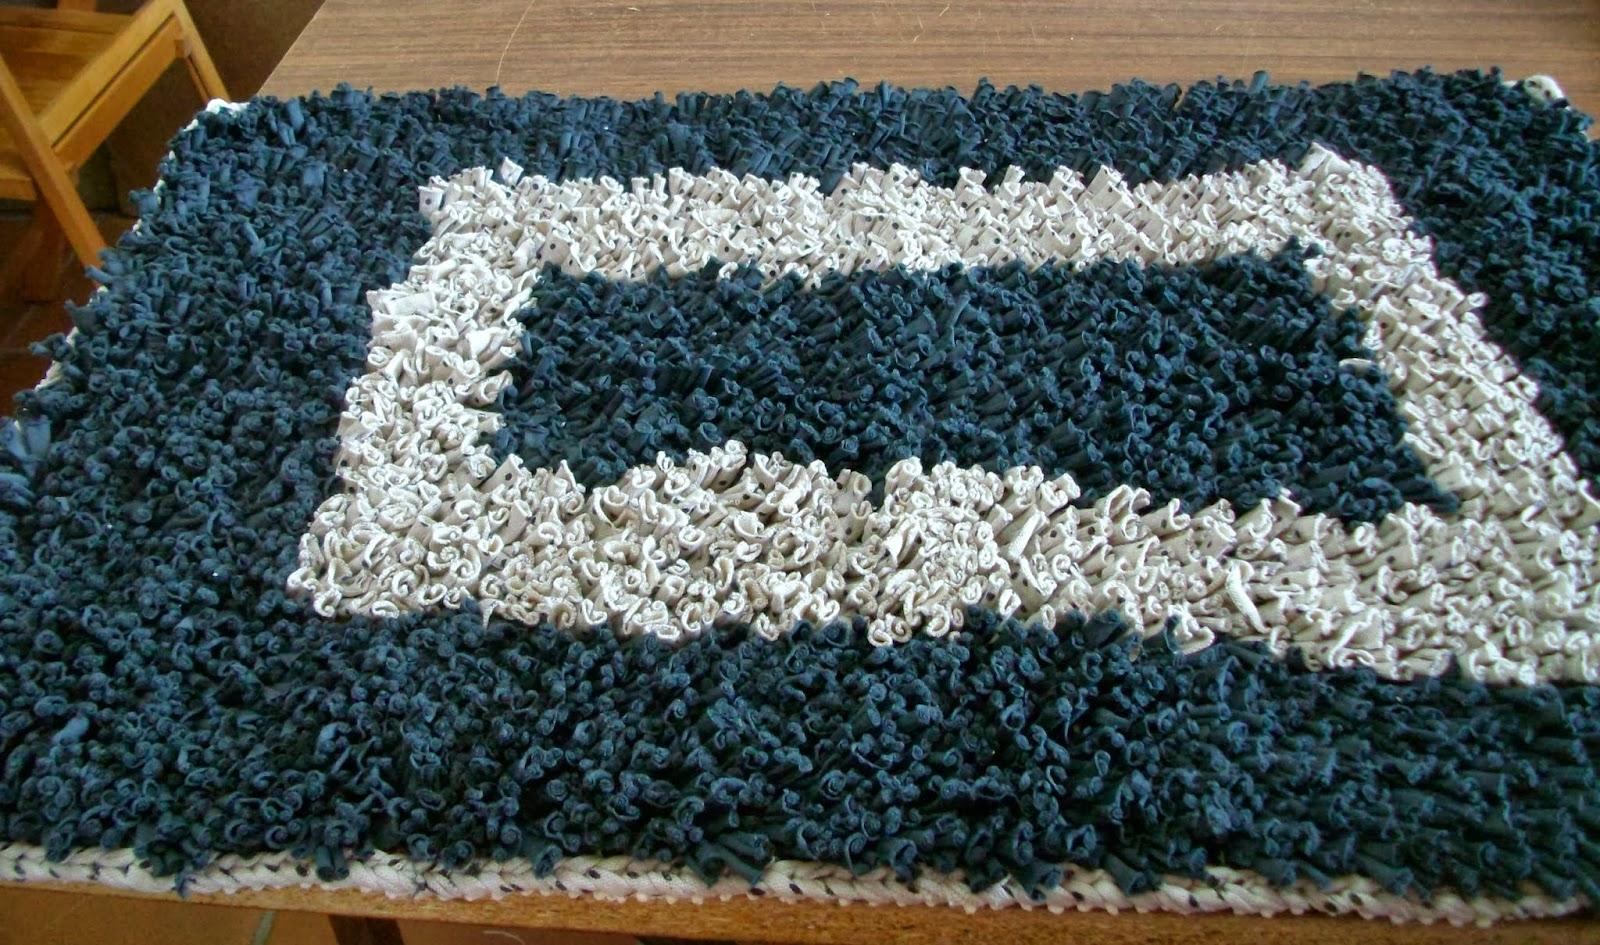 Orecunchodalola alfombras de trapillo - Alfombras de trapillo ...